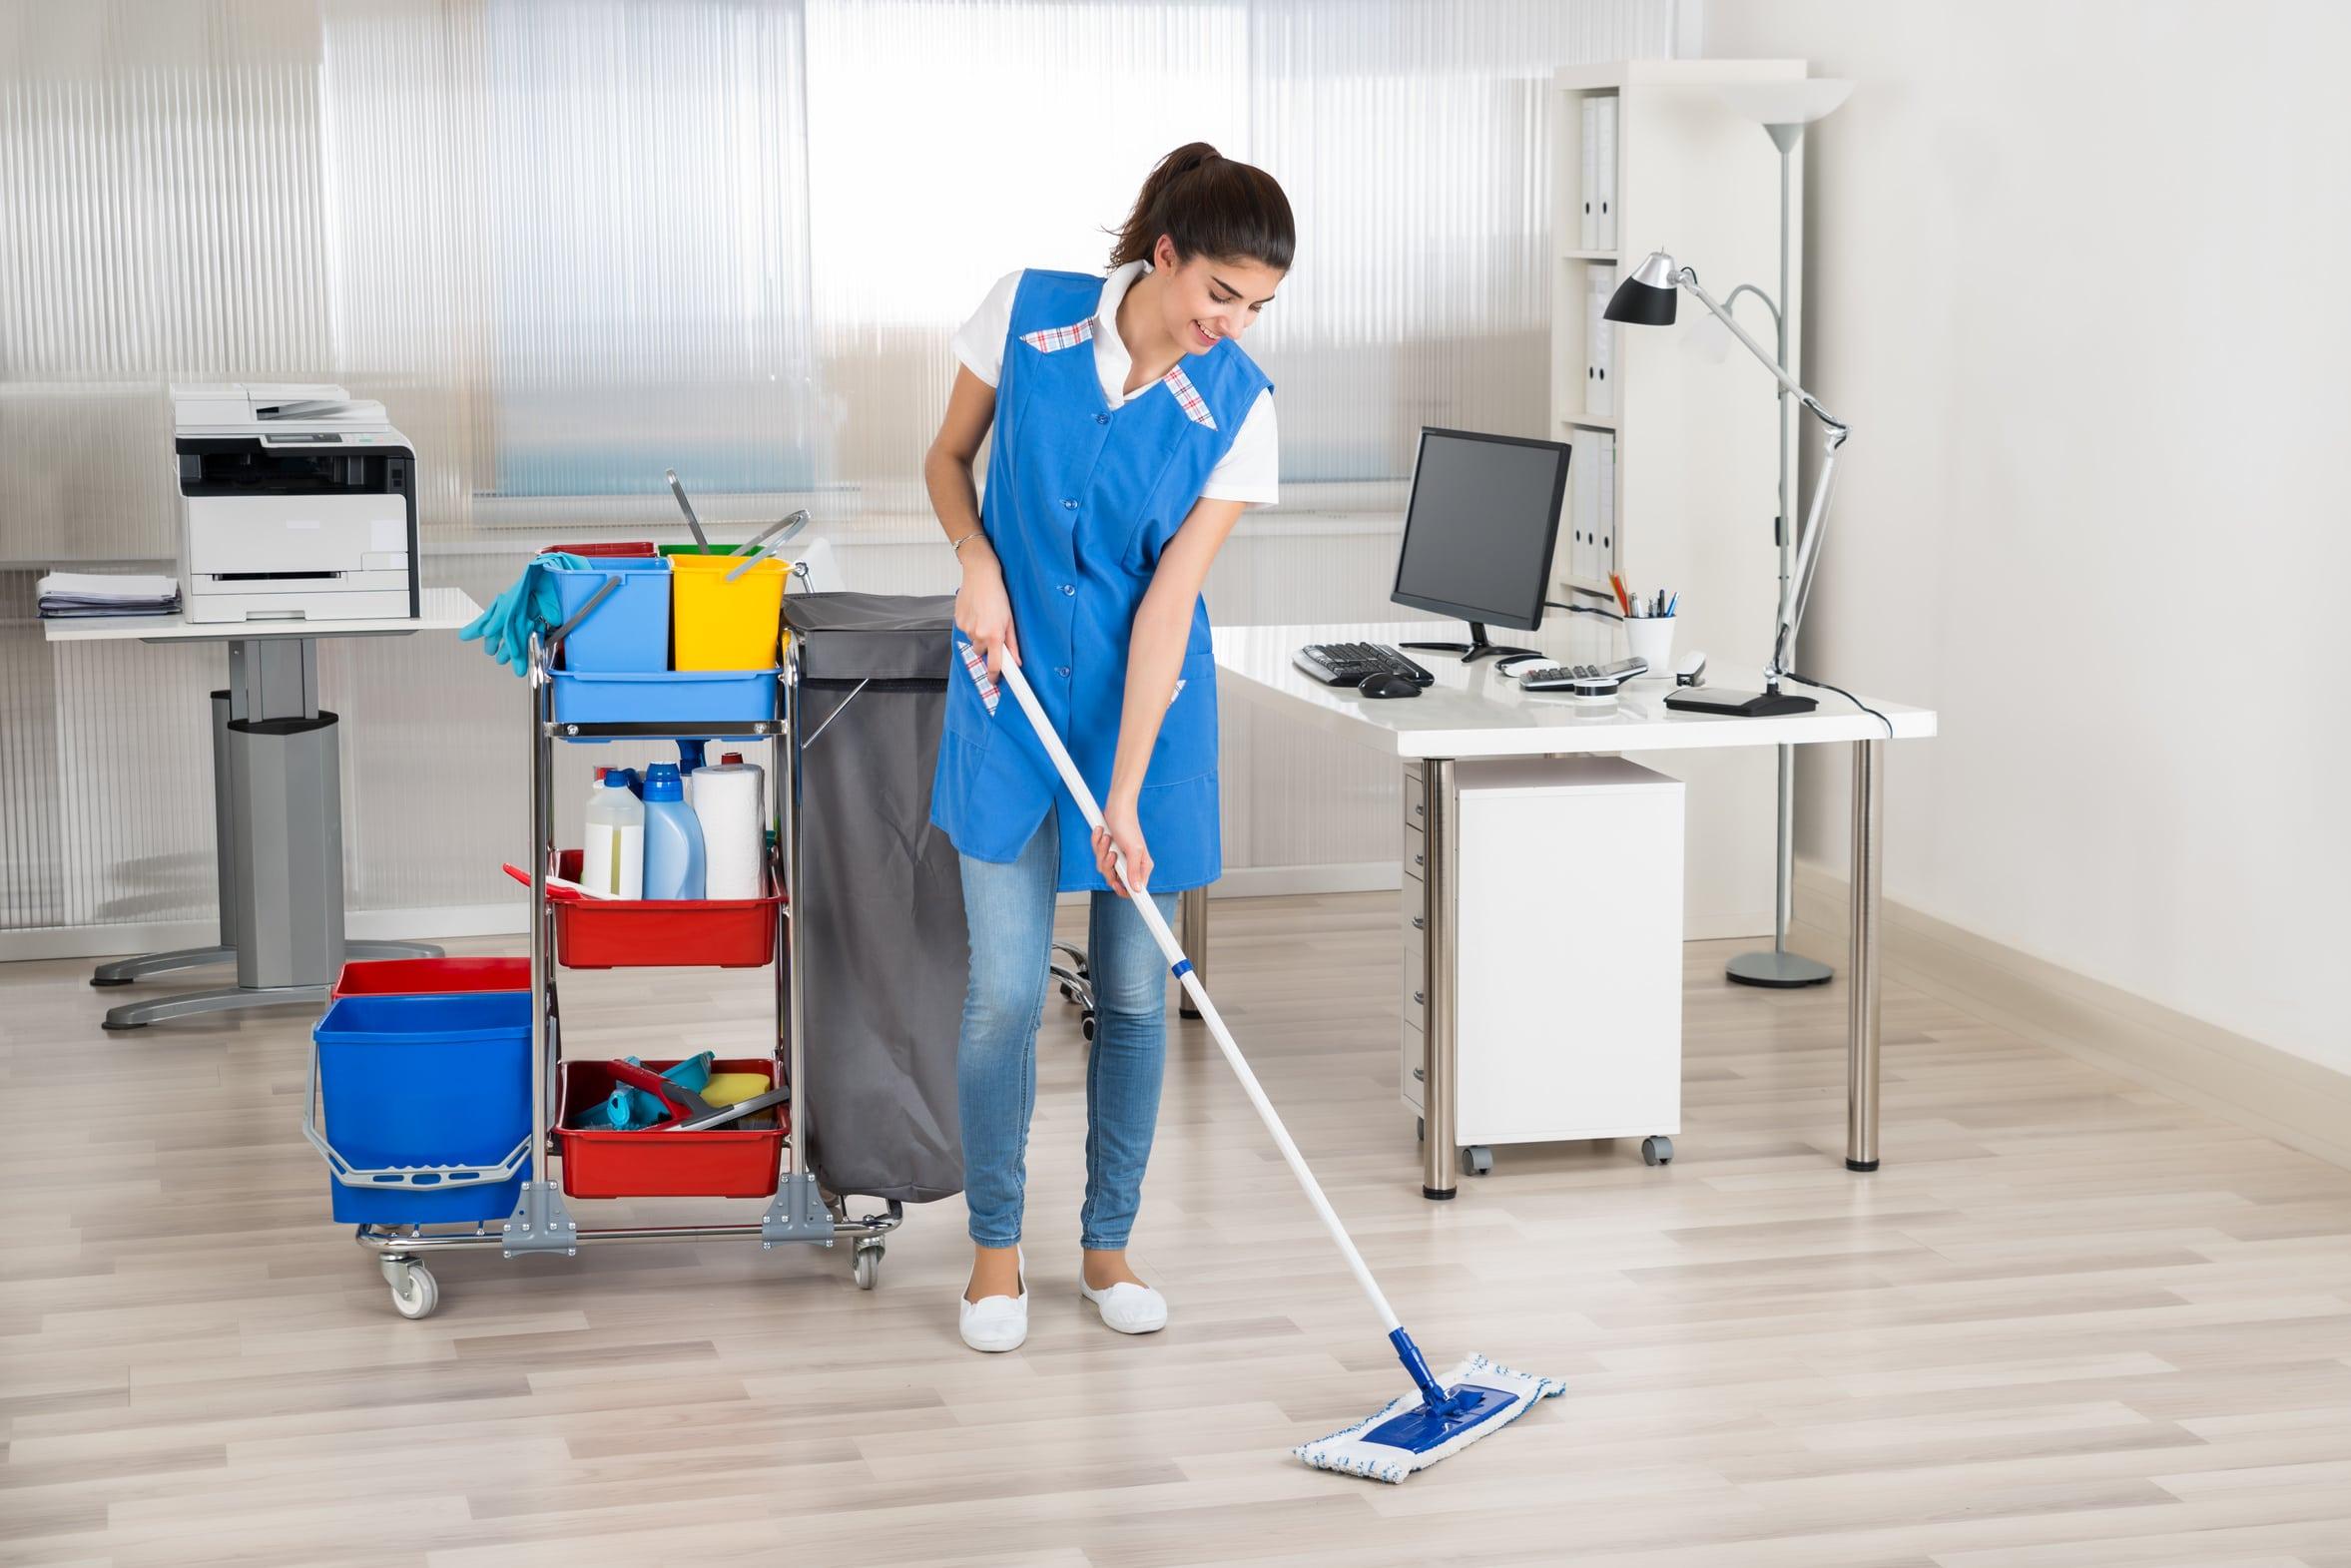 Reinigungskraft wischt den Boden